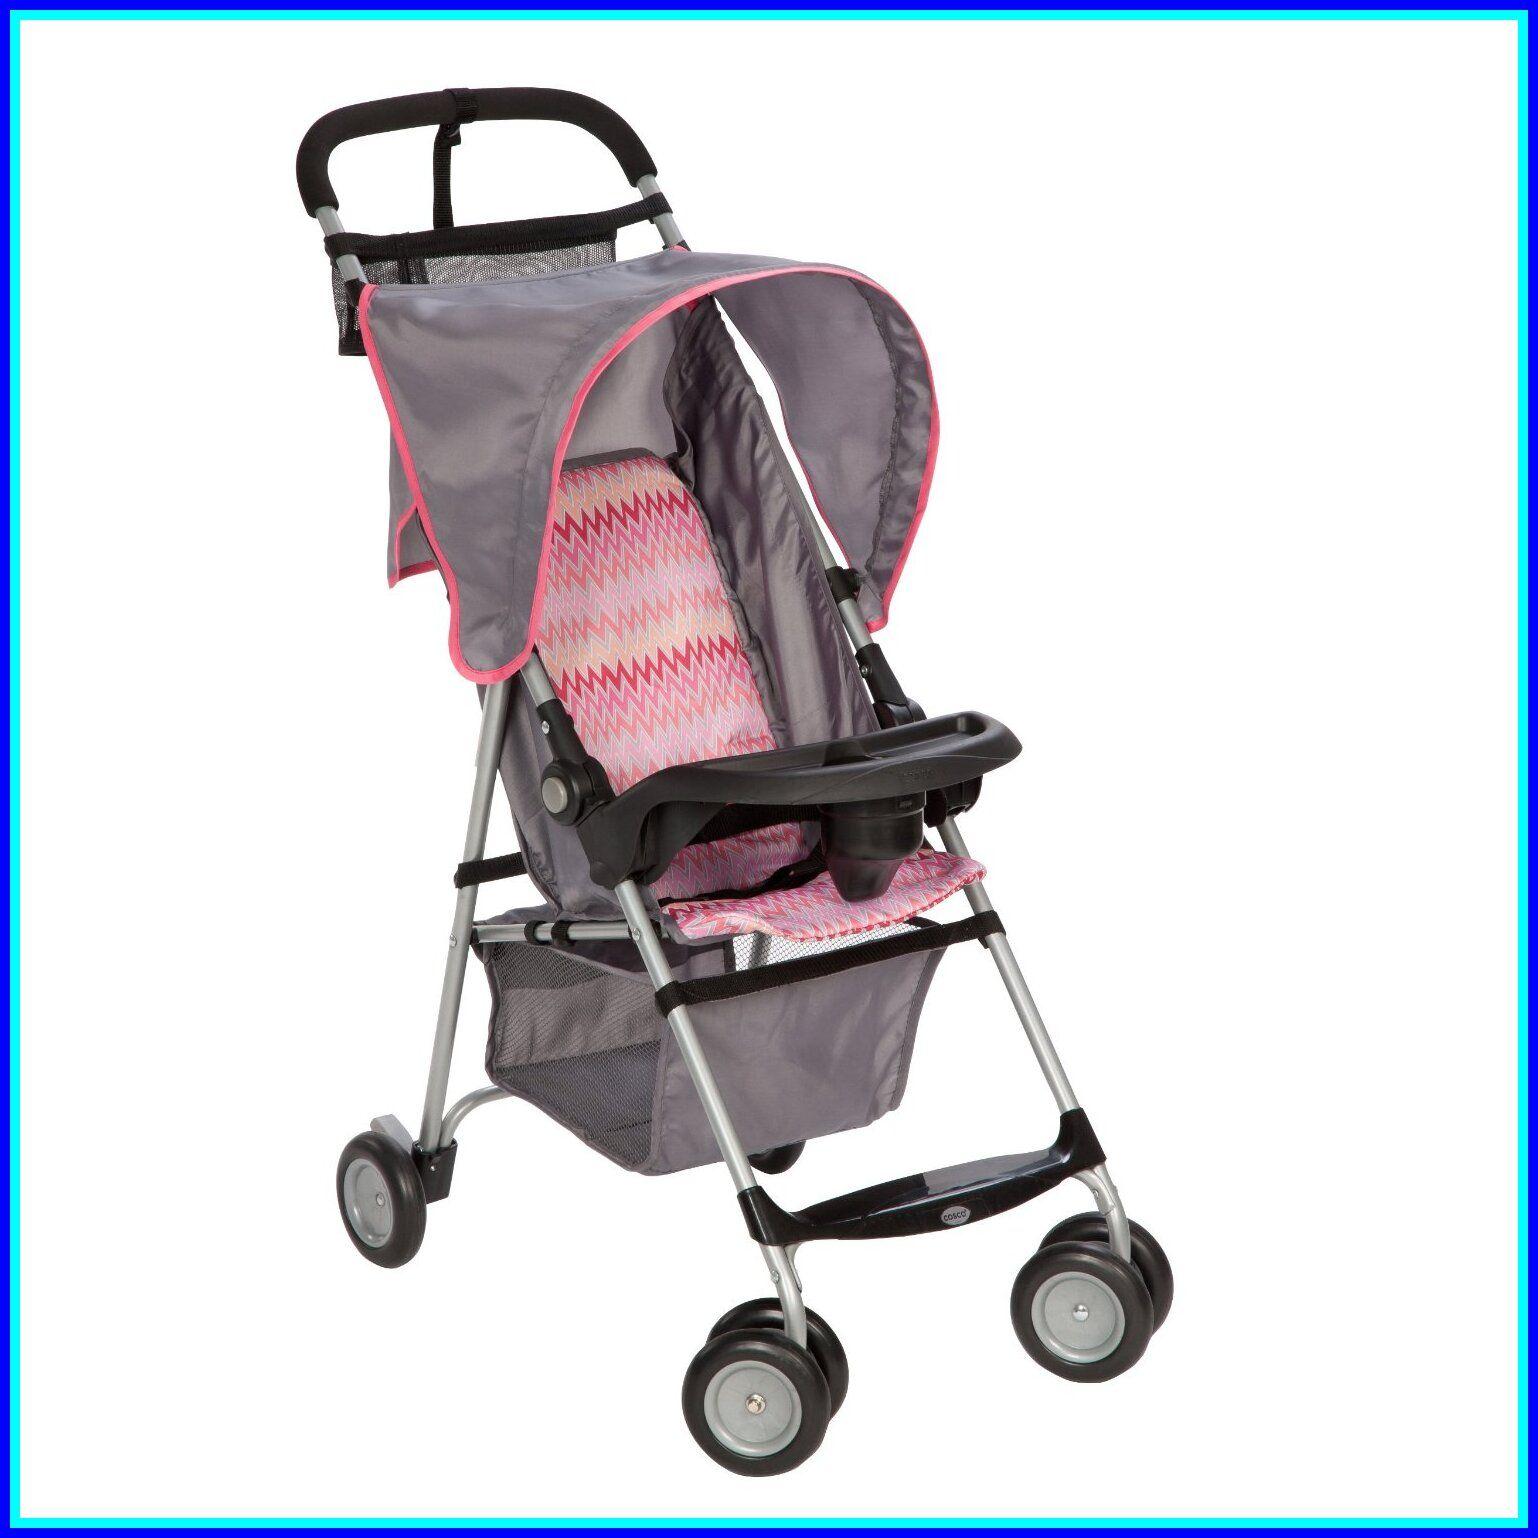 120 reference of umbrella stroller pink in 2020 Stroller